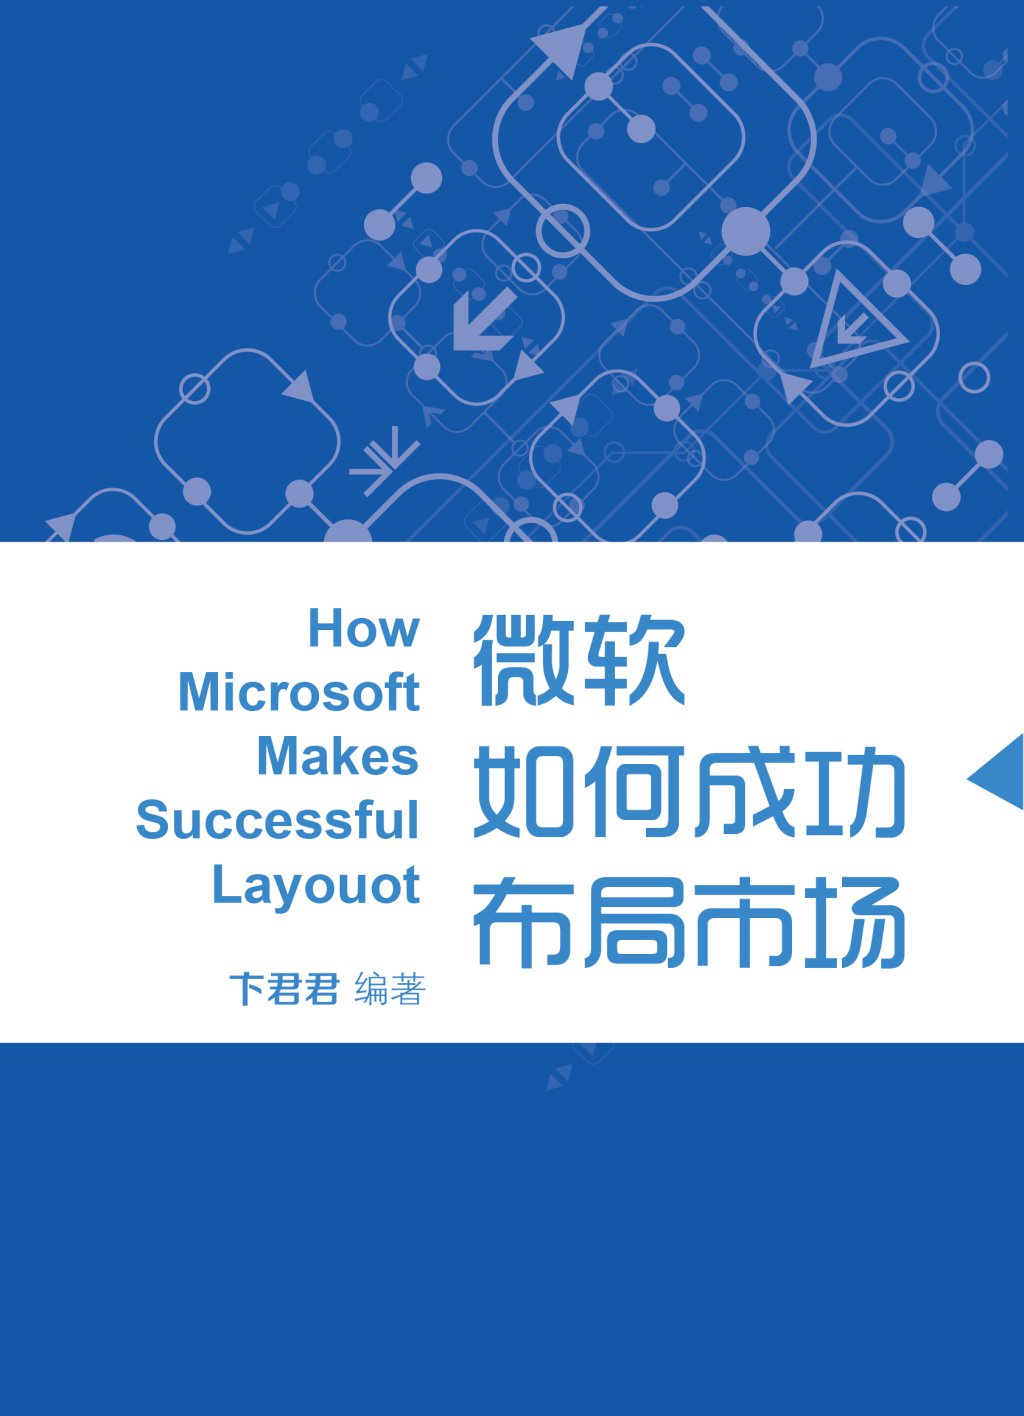 微软如何成功布局市场(蓝狮子速读系列-管理022)